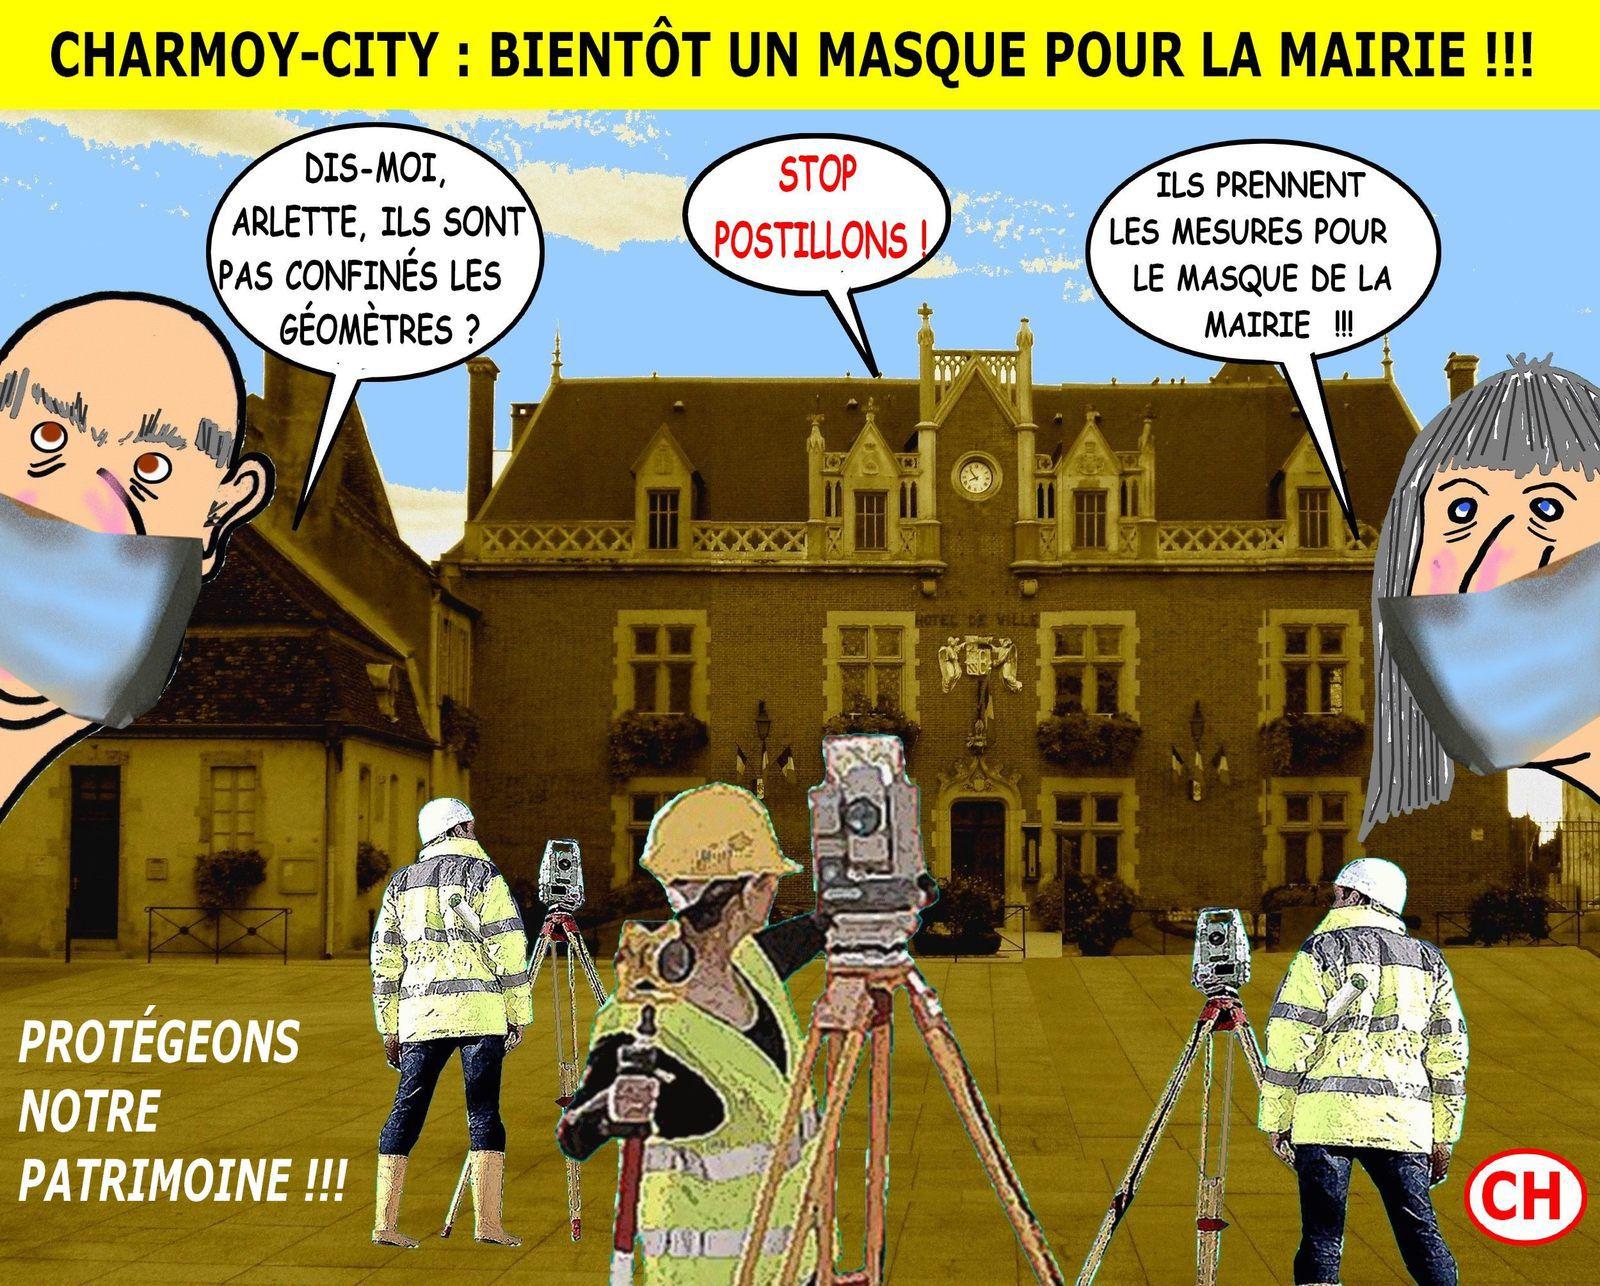 Charmoy-City, bientôt un masque pour la mairie.jpg